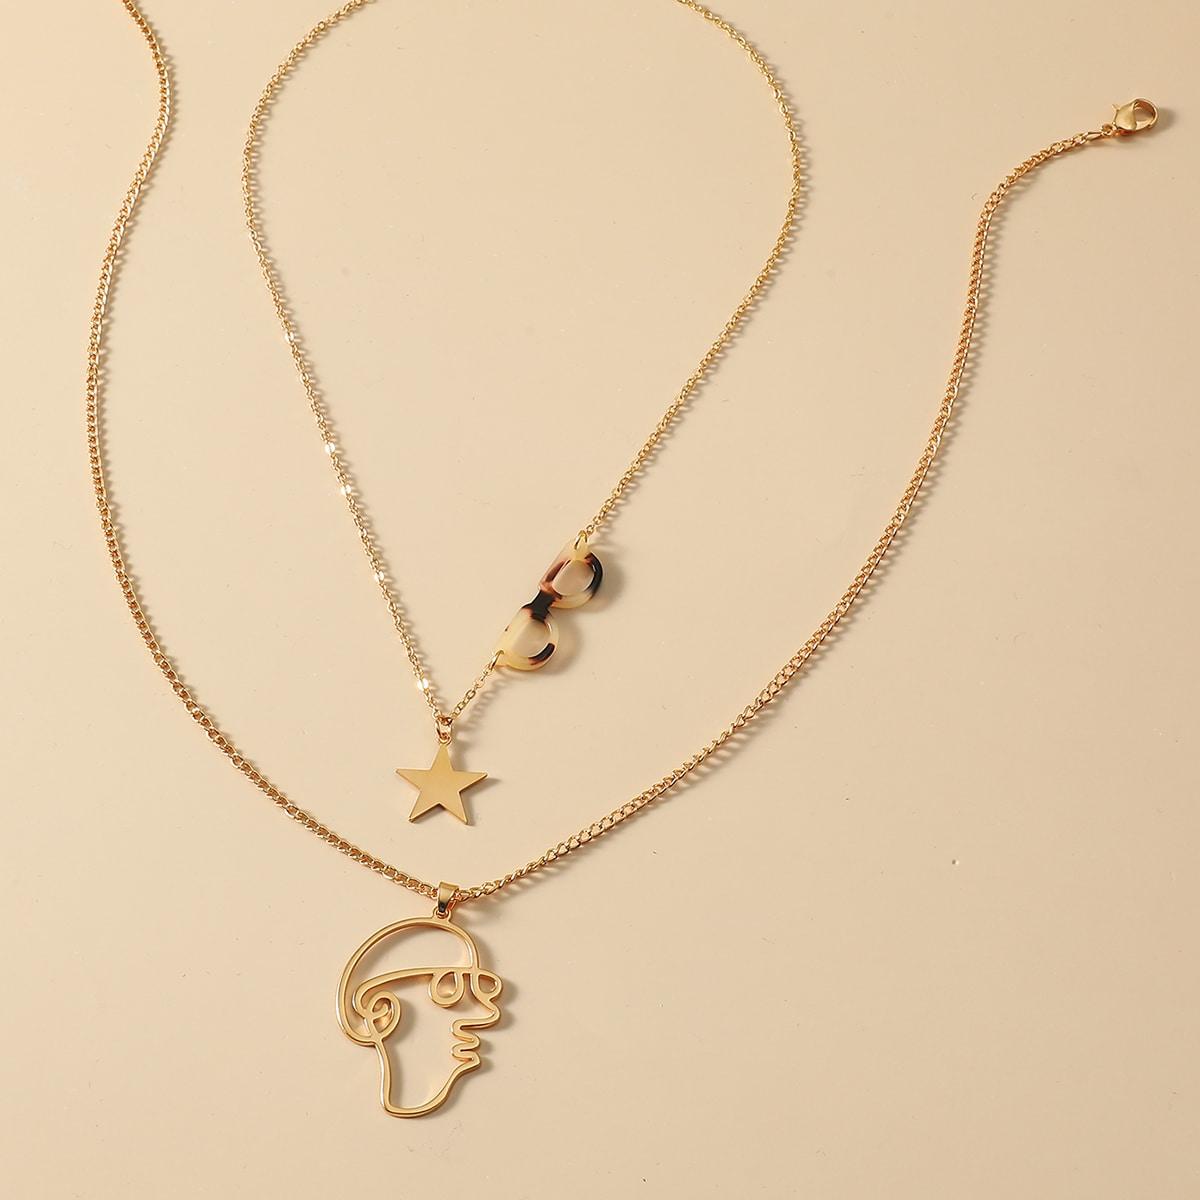 SHEIN / 2 Stücke Halskette mit Figur & Stern Dekor